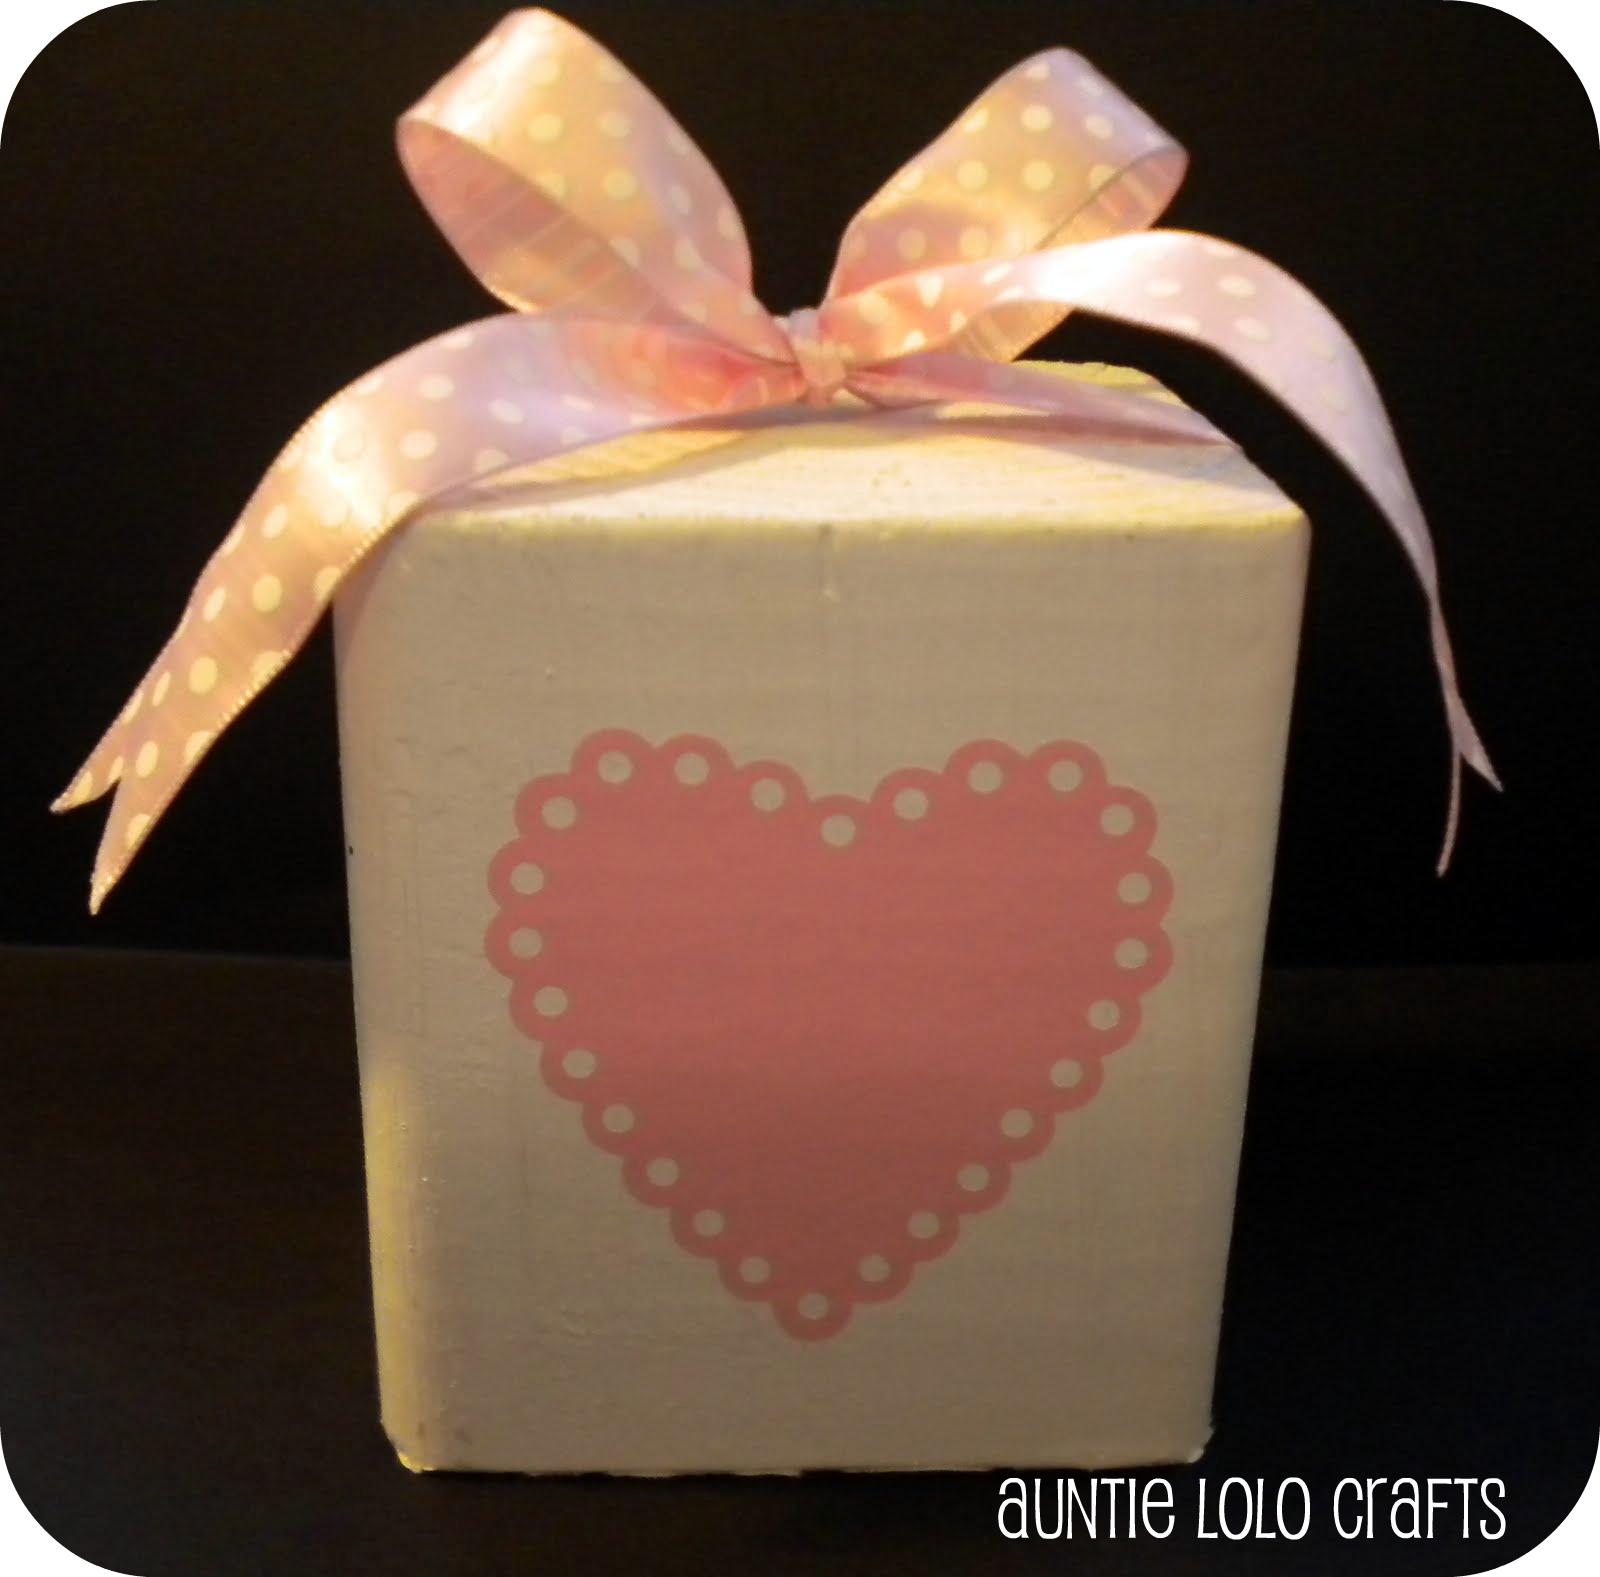 http://i1.wp.com/3.bp.blogspot.com/_1Qn76HzZFGk/TUxuJ8kGTHI/AAAAAAAAD8M/qBGAw2YLA1U/s1600/valentine%2527s+block.jpg?resize=540%2C533